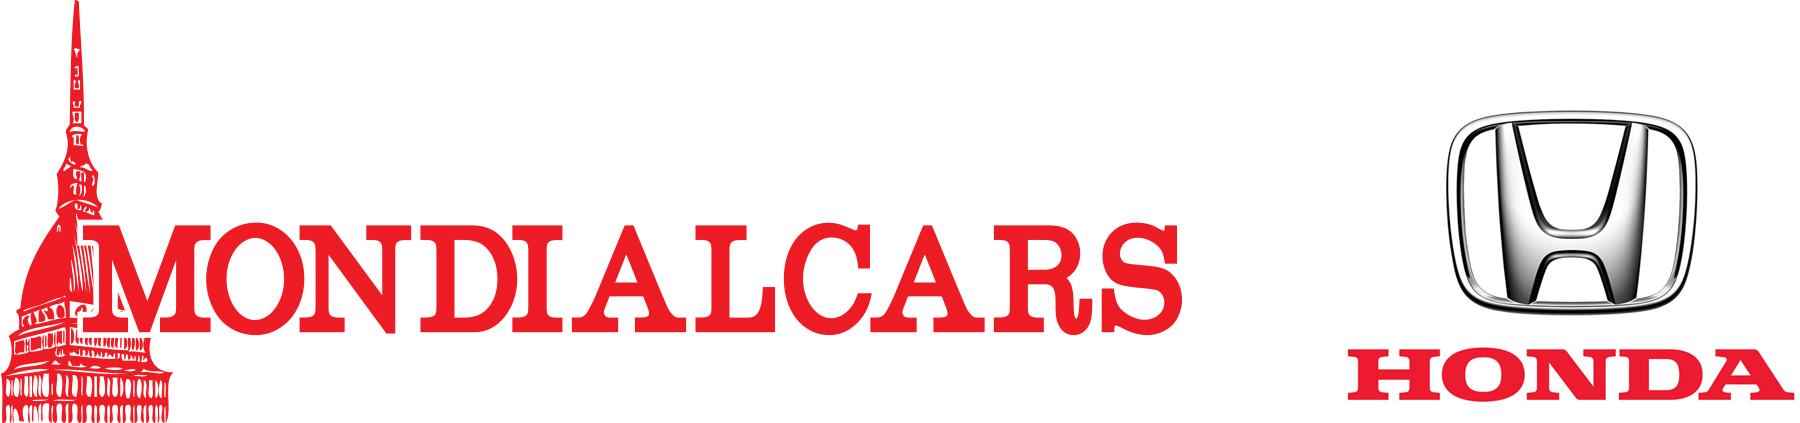 Mondialcars